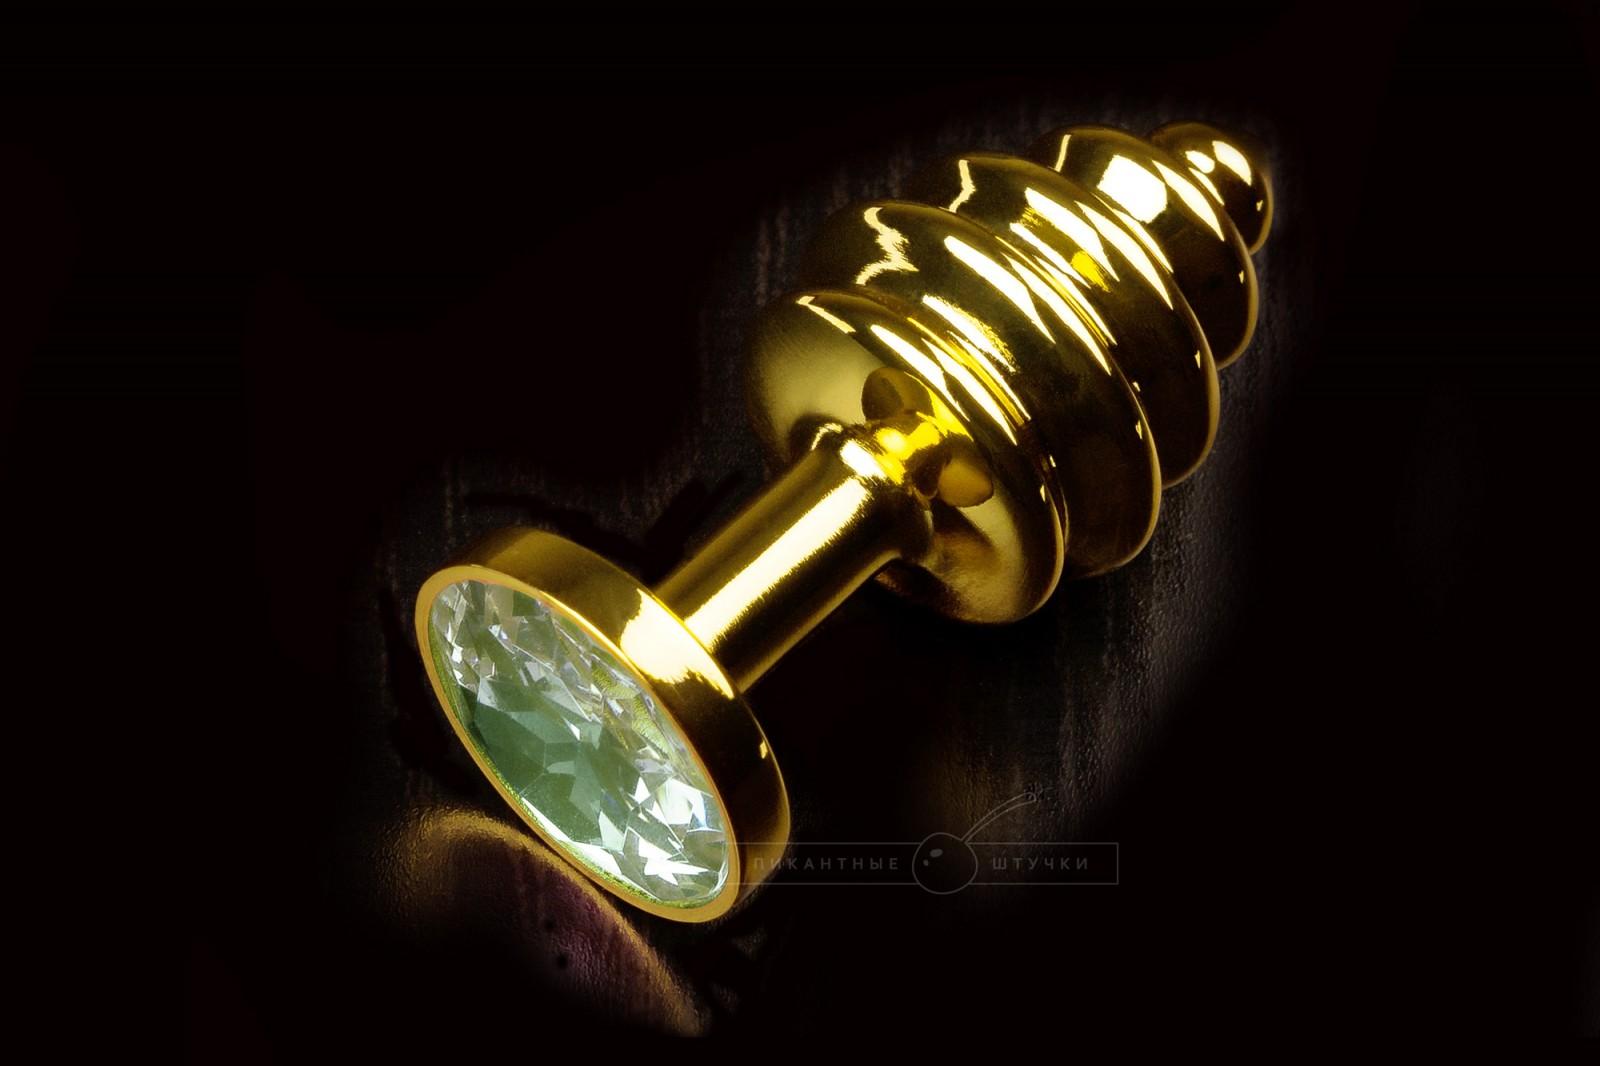 Маленькая витая анальная пробка золотистая с кристаллом, зеленым